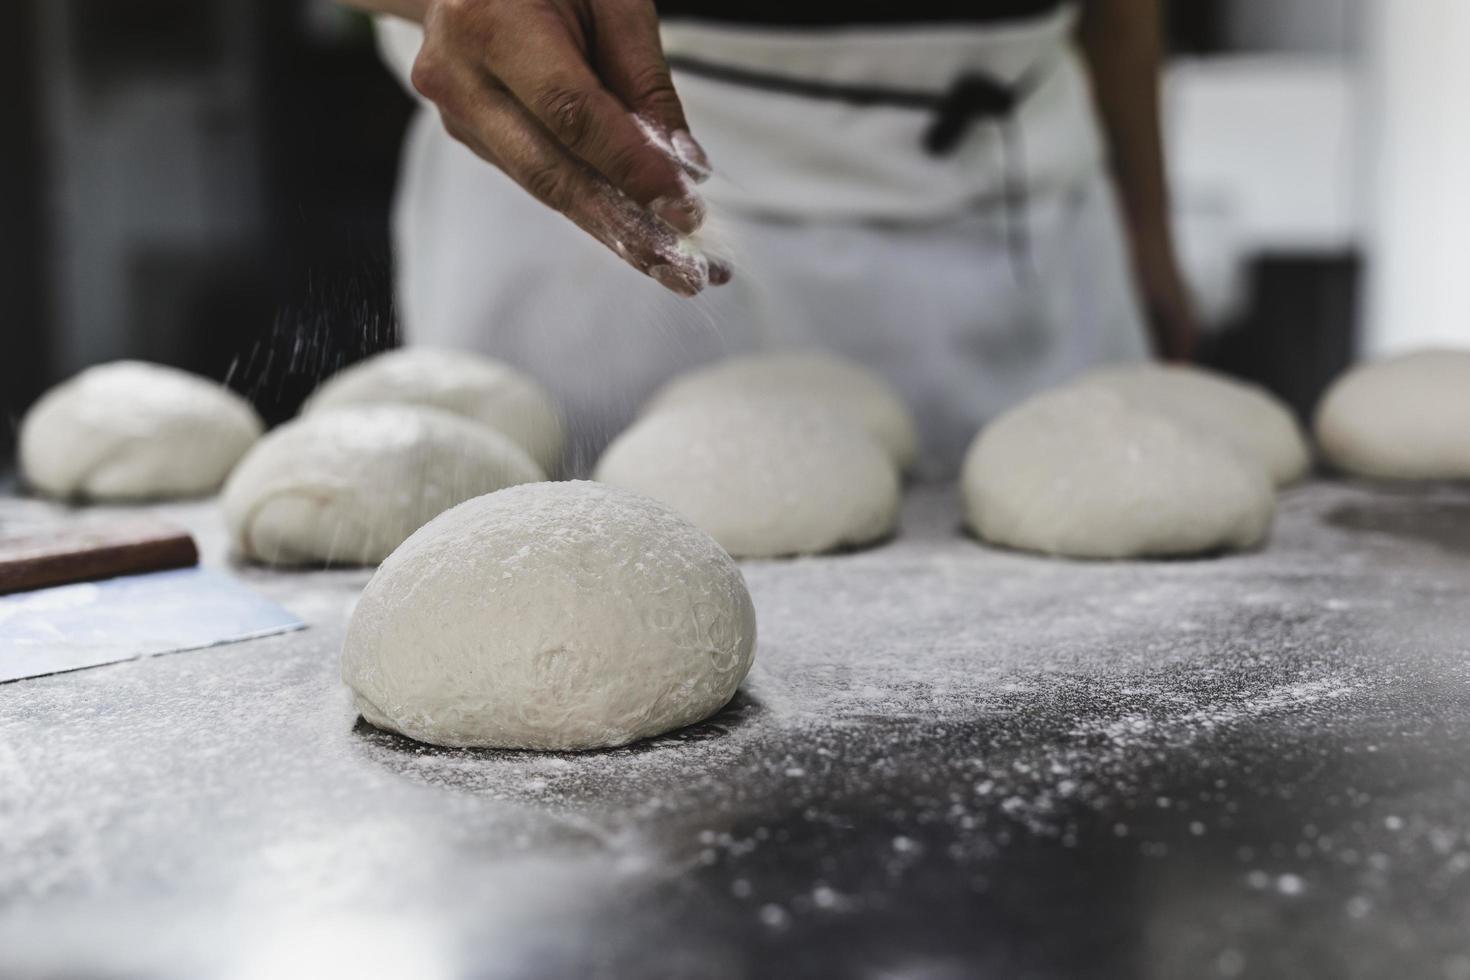 Chefkoch Mehl auf Teig streuen foto